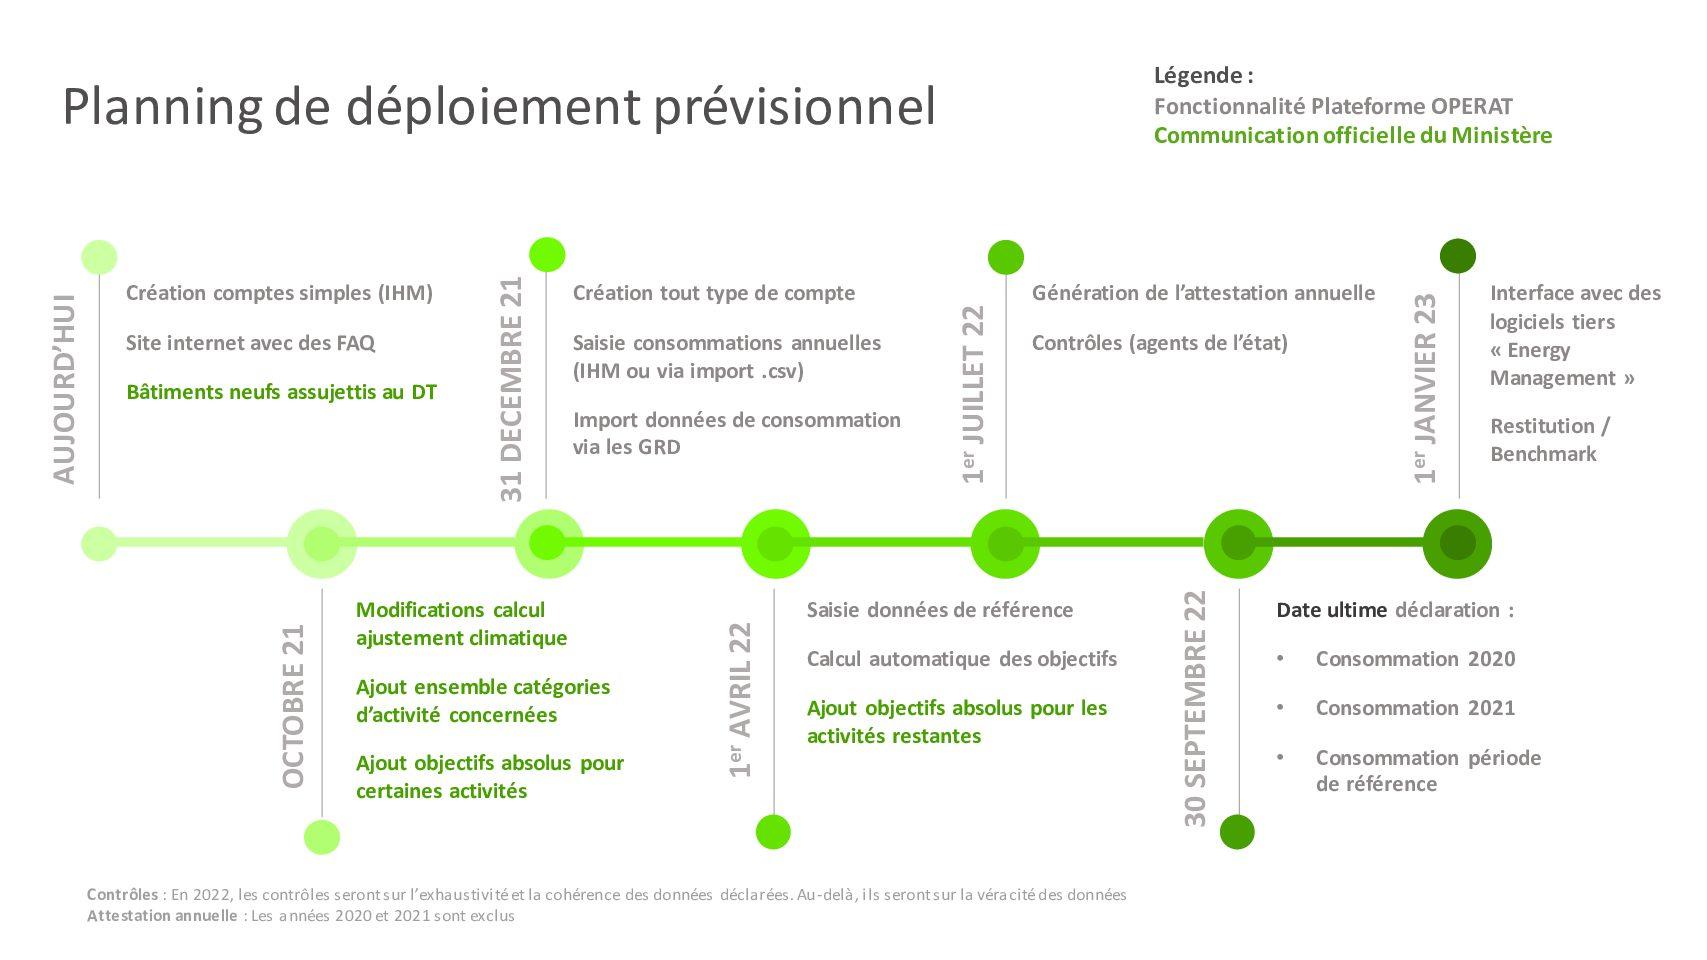 DECRET TERTIAIRE: planning prévisionnel du déploiement de la plateforme OPERAT